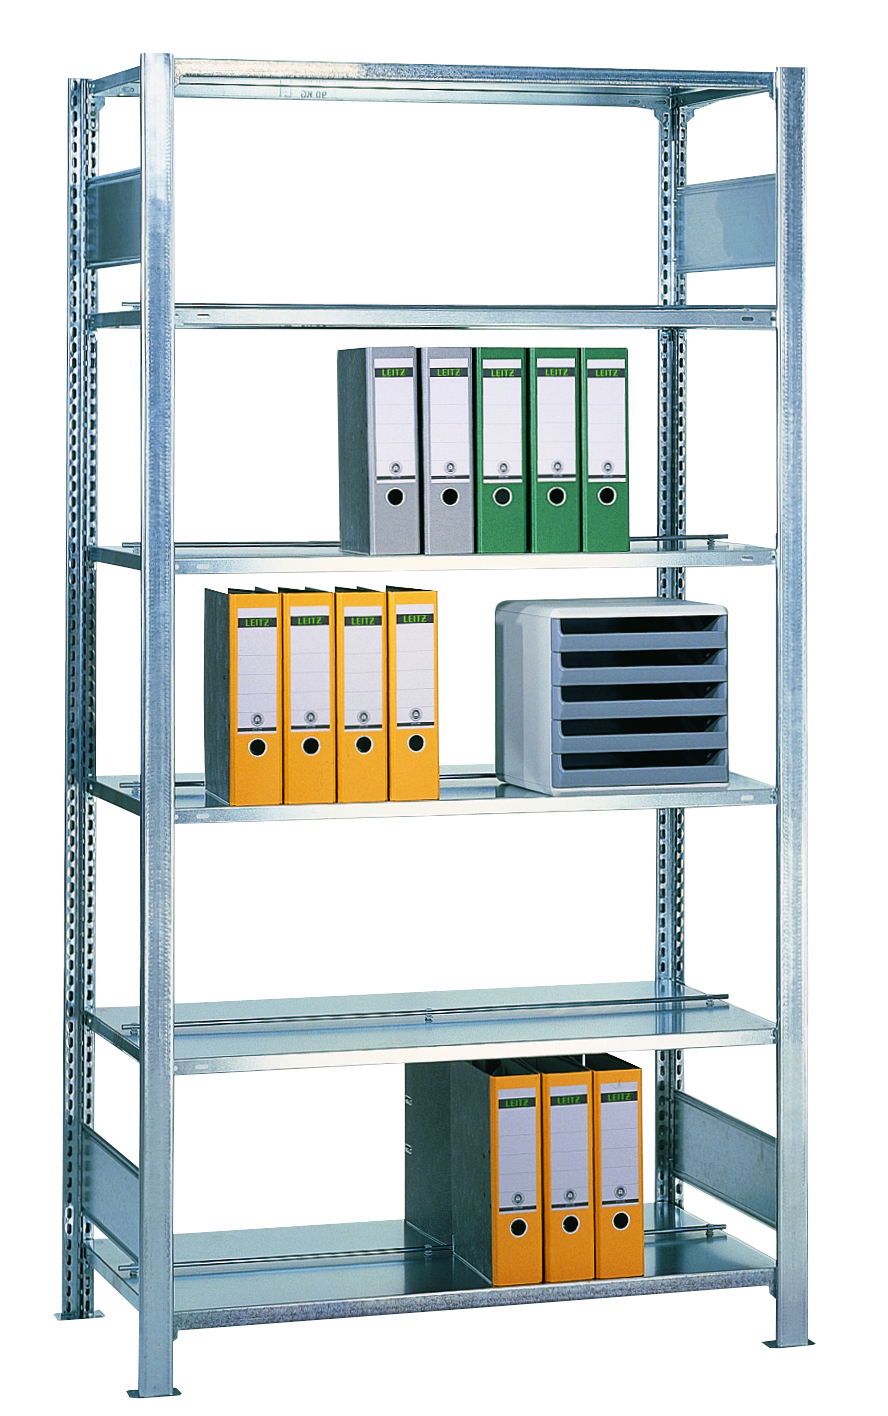 Büroregale / Archivregale - Grundfeld